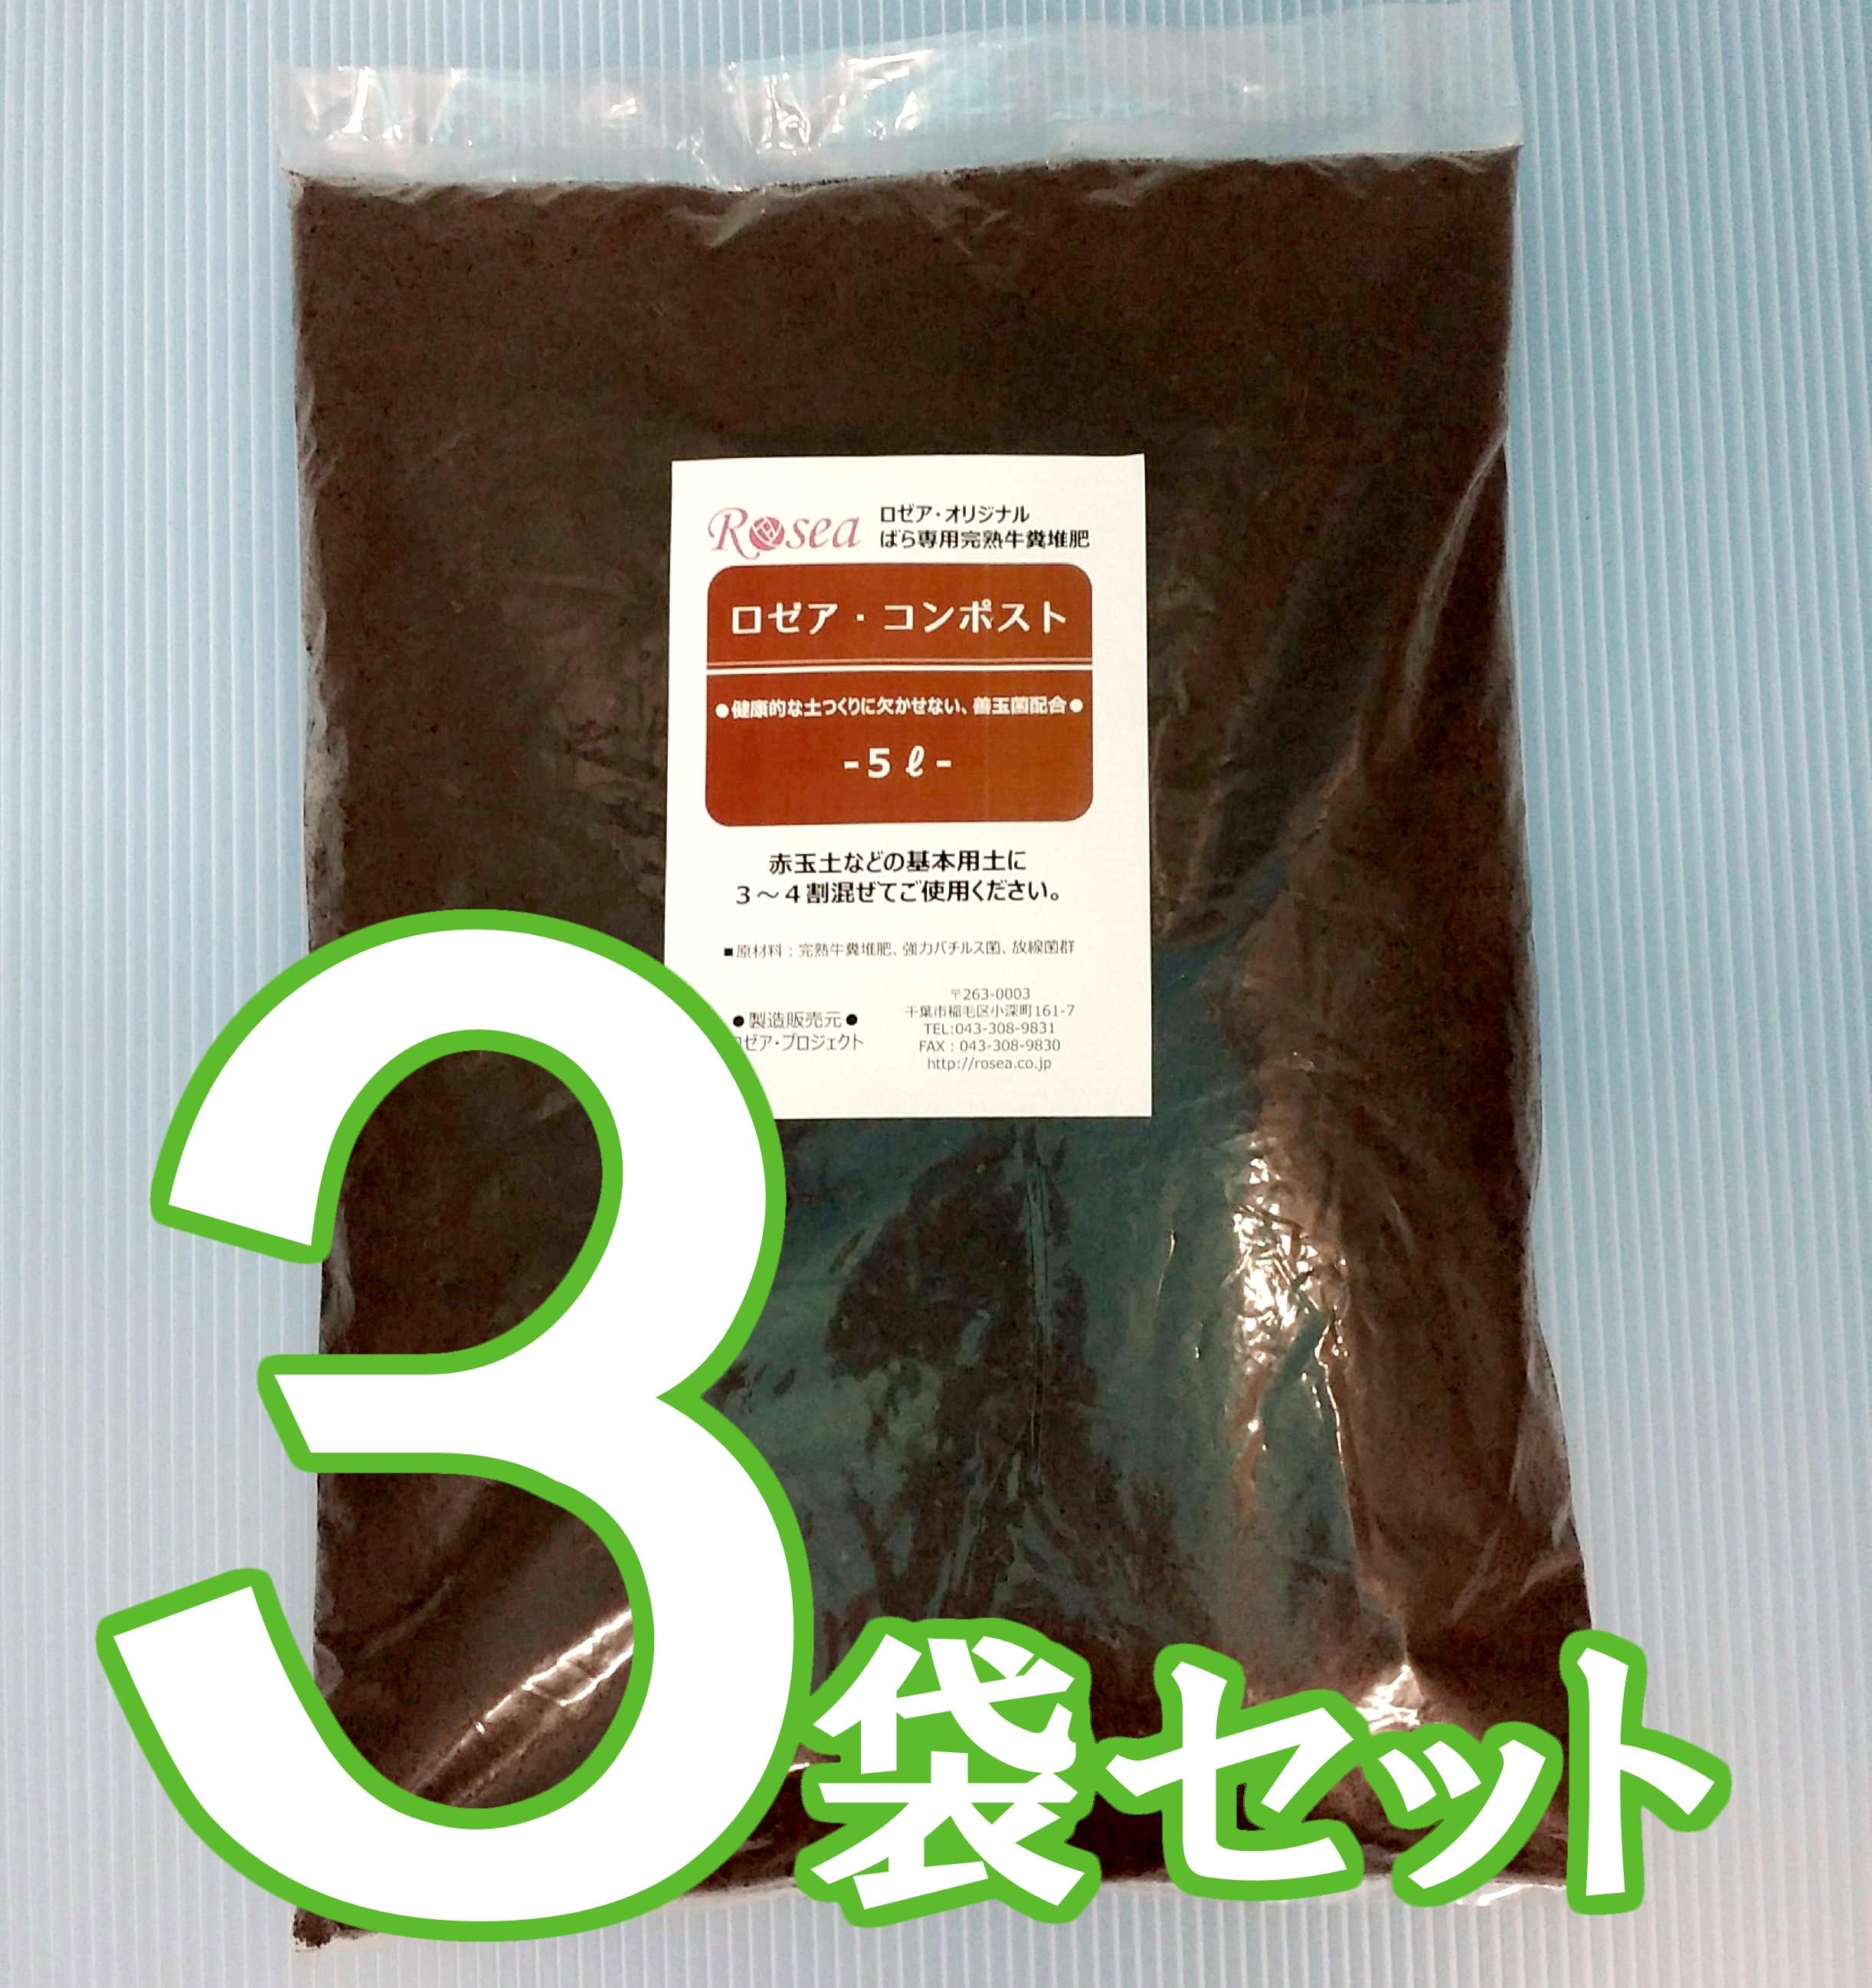 ロゼア・コンポスト (強力バチルス・バラ用完熟牛糞堆肥) 5L × 3袋セット  |ばら堆肥